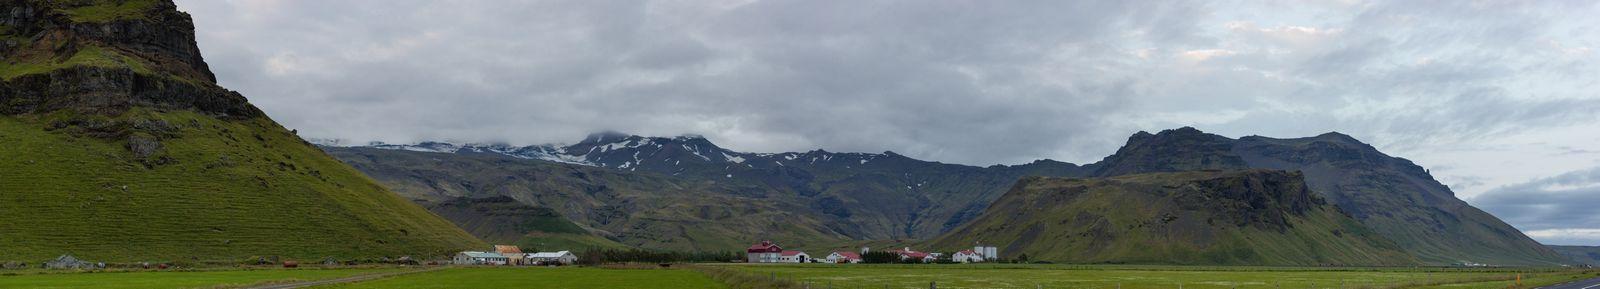 El amigo Eyjafjallajökull